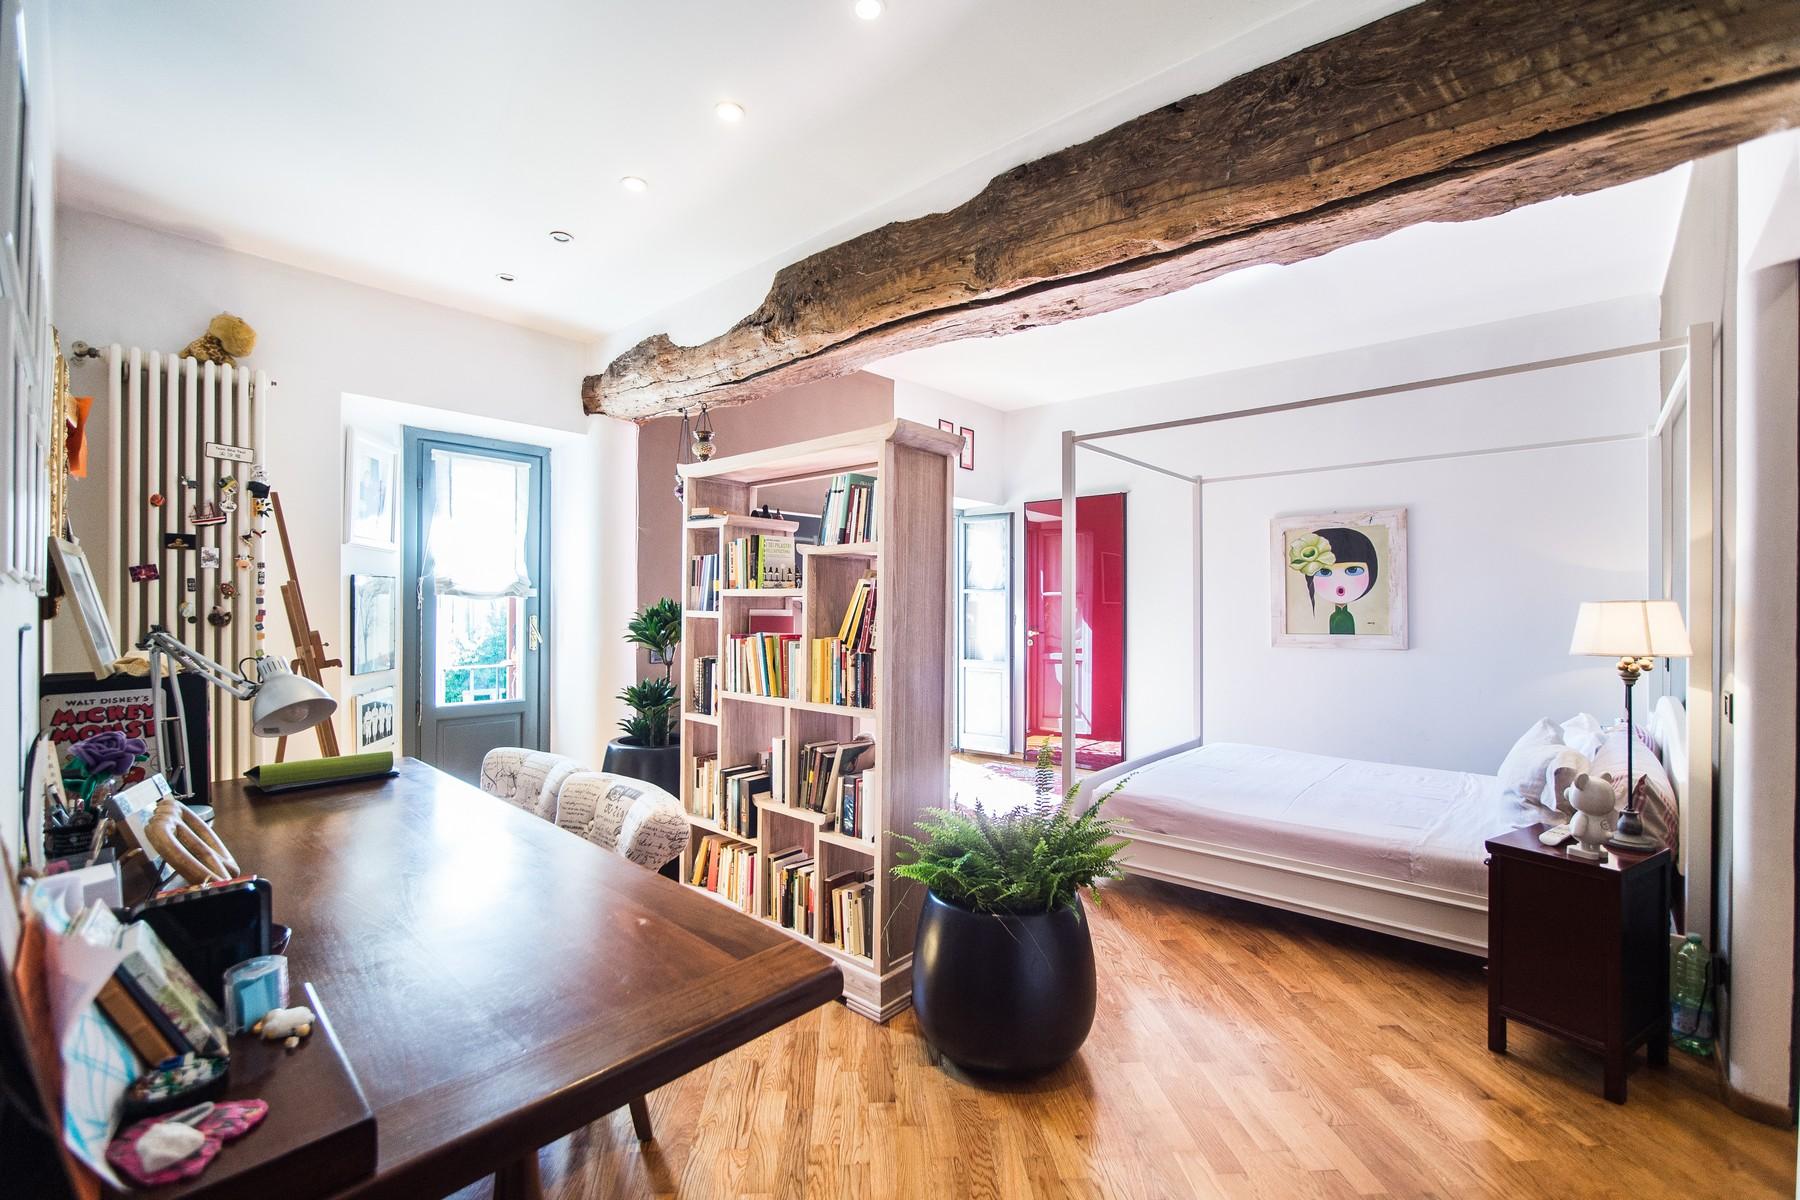 Appartamento di lusso in vendita a fino mornasco via for Piani di casa di lusso in vendita